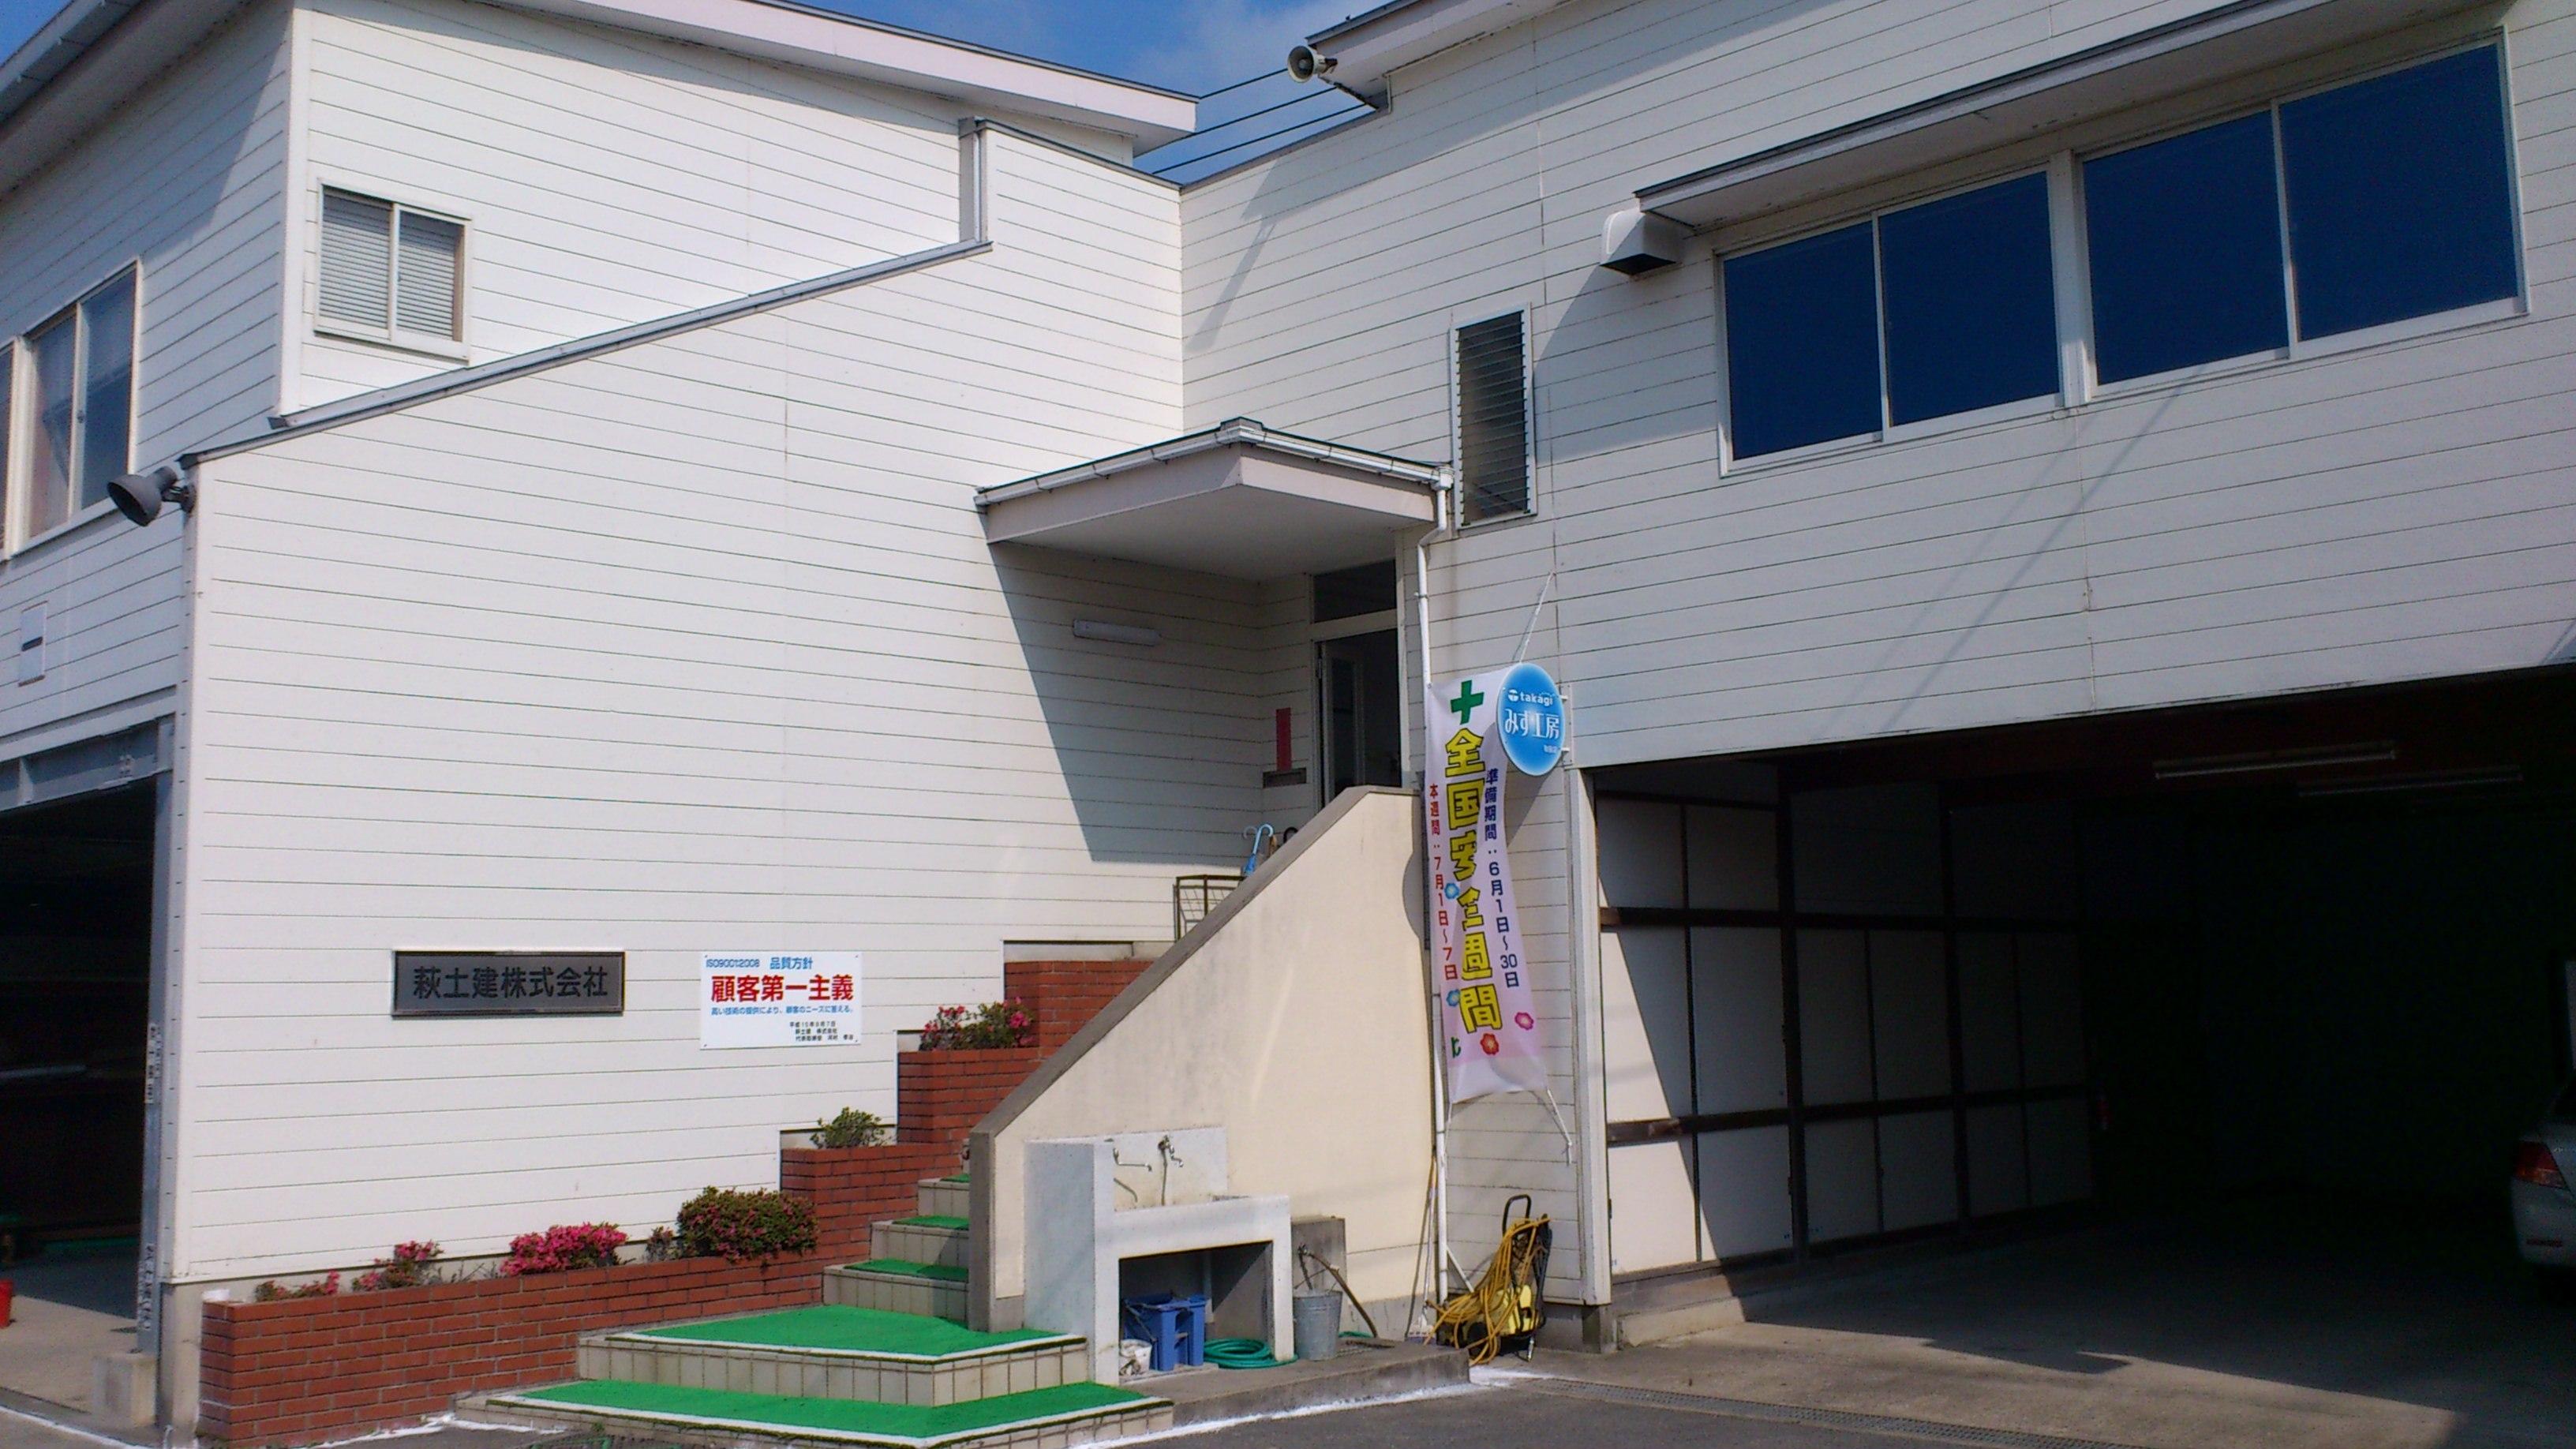 萩土建 株式会社